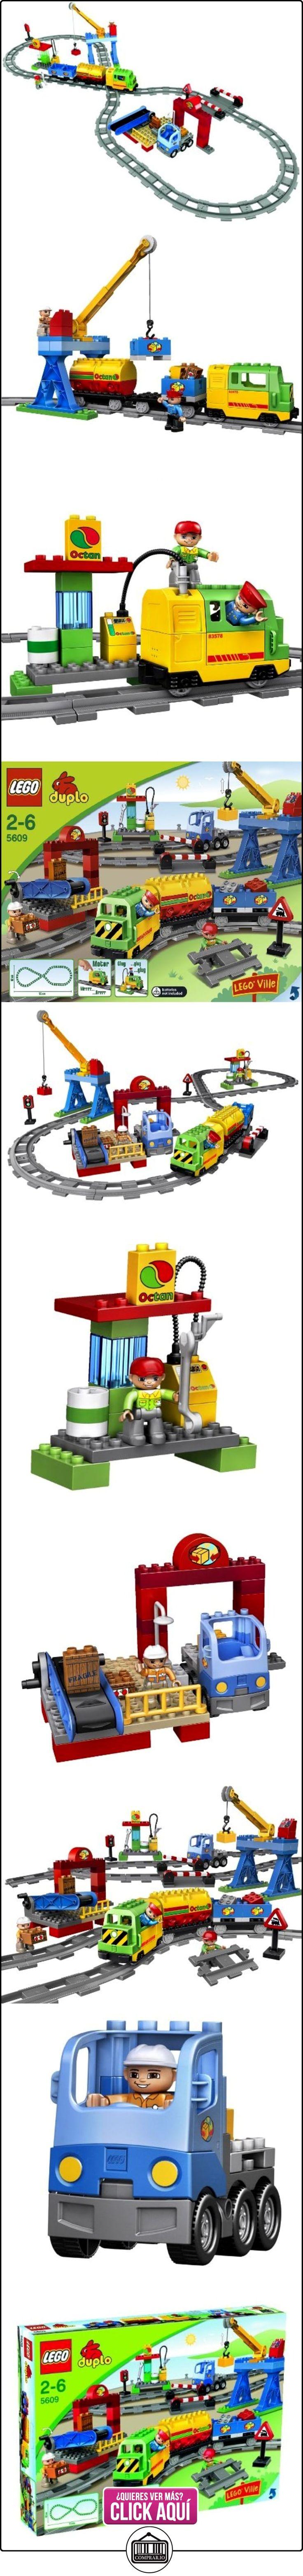 LEGO Duplo 5609 - Juego especial de tren [versión en inglés]  ✿ Lego - el surtido más amplio ✿ ▬► Ver oferta: https://comprar.io/goto/B0014QZMU2